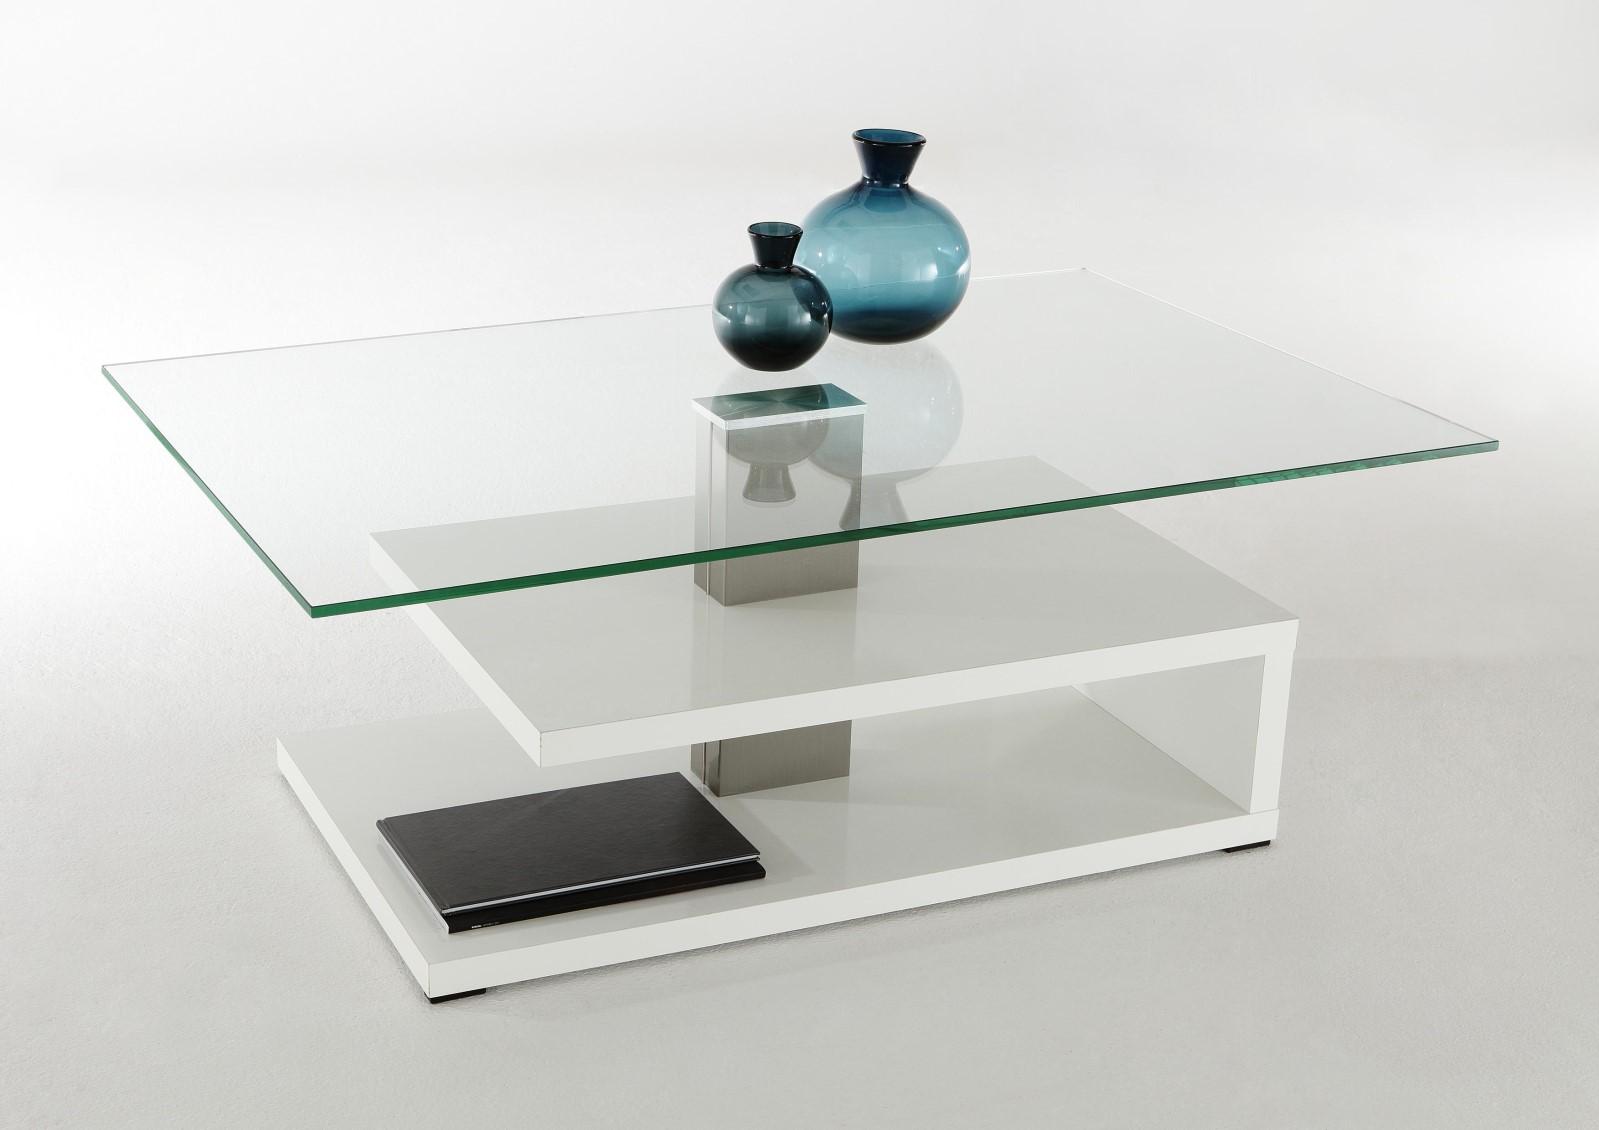 Couchtisch Wohnzimmertisch Beistelltisch - Stenli - 110x70 cm Weiß Glanz